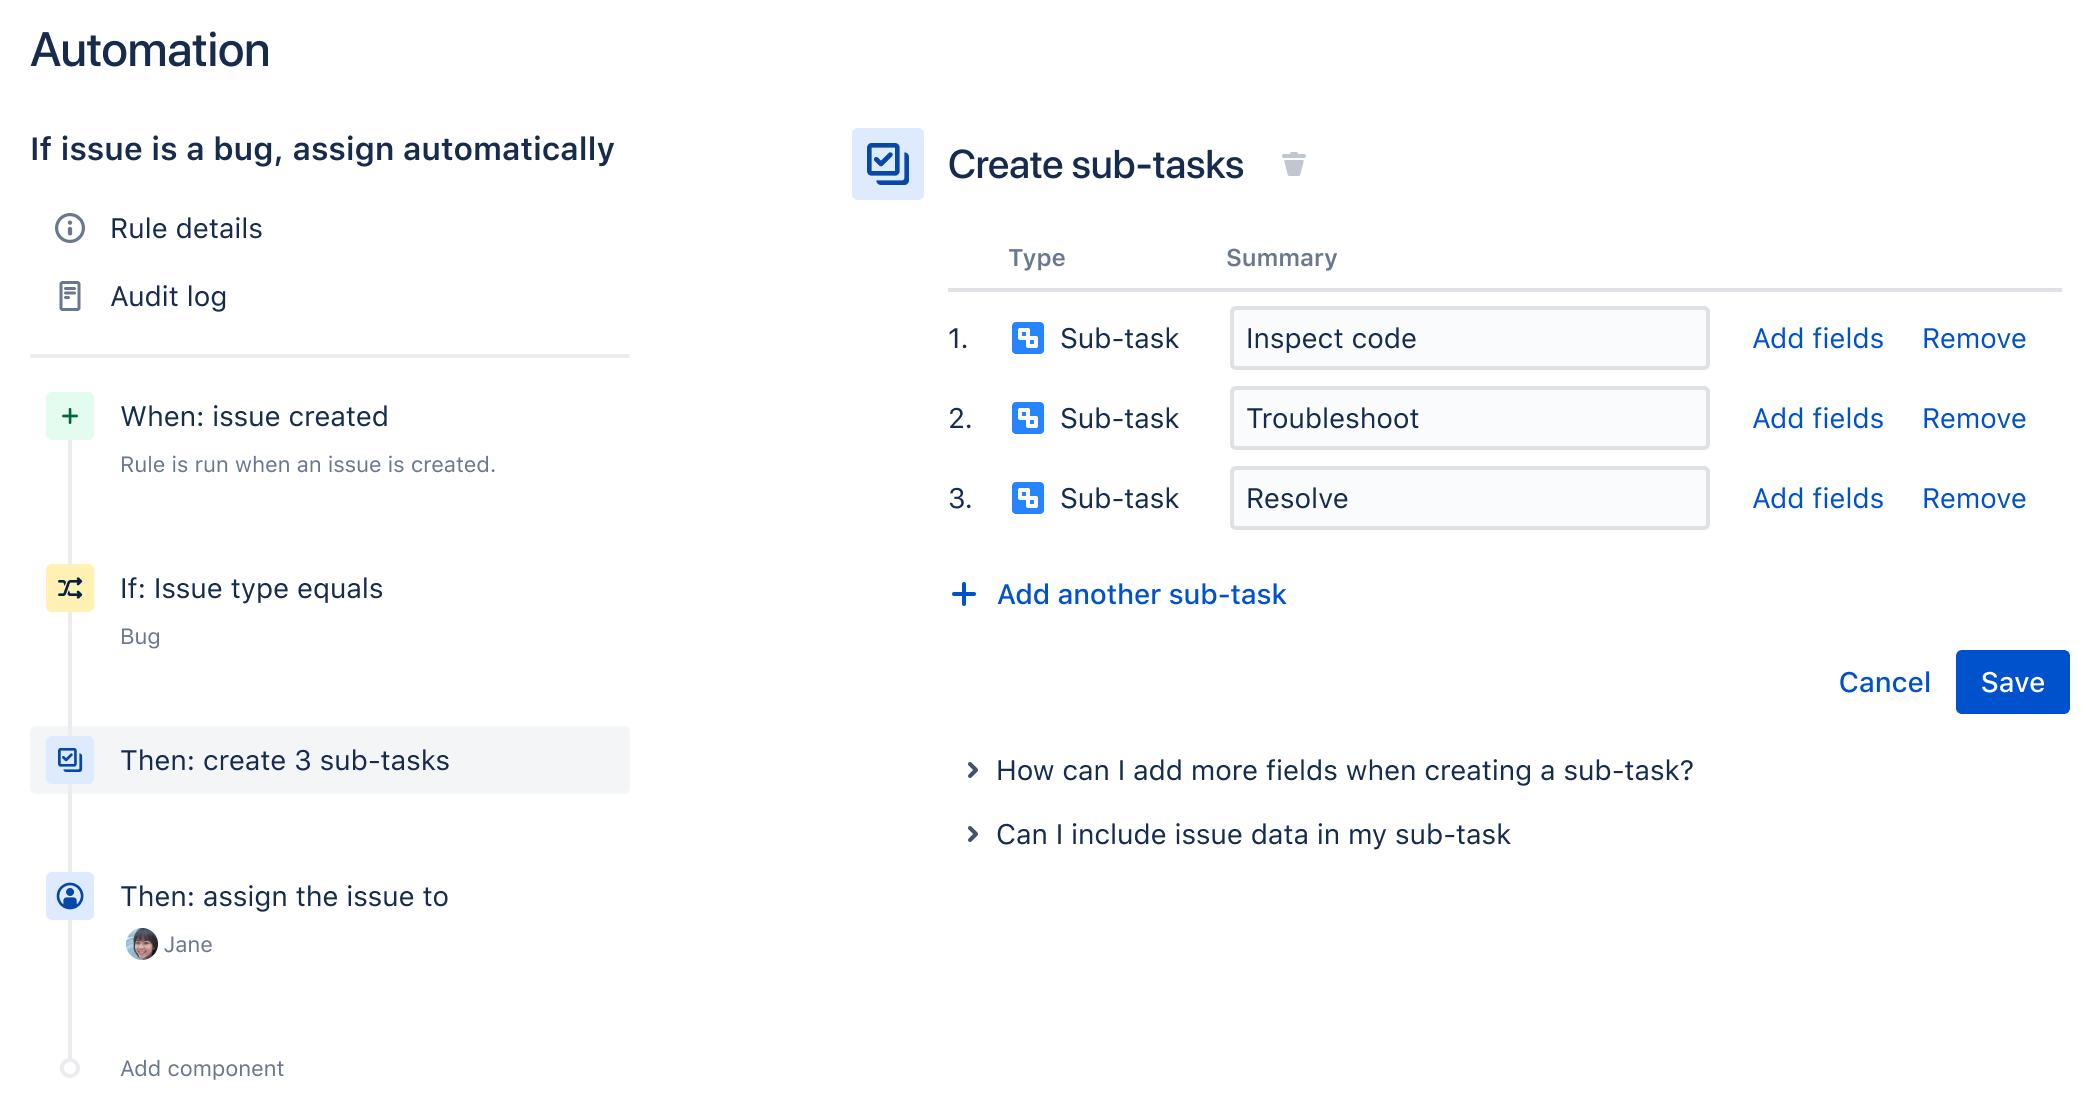 Un esempio del generatore di regole che mostra una semplice regola per aggiungere automaticamente sottotask a tutti i nuovi bug, nonché assegnarli a un utente.